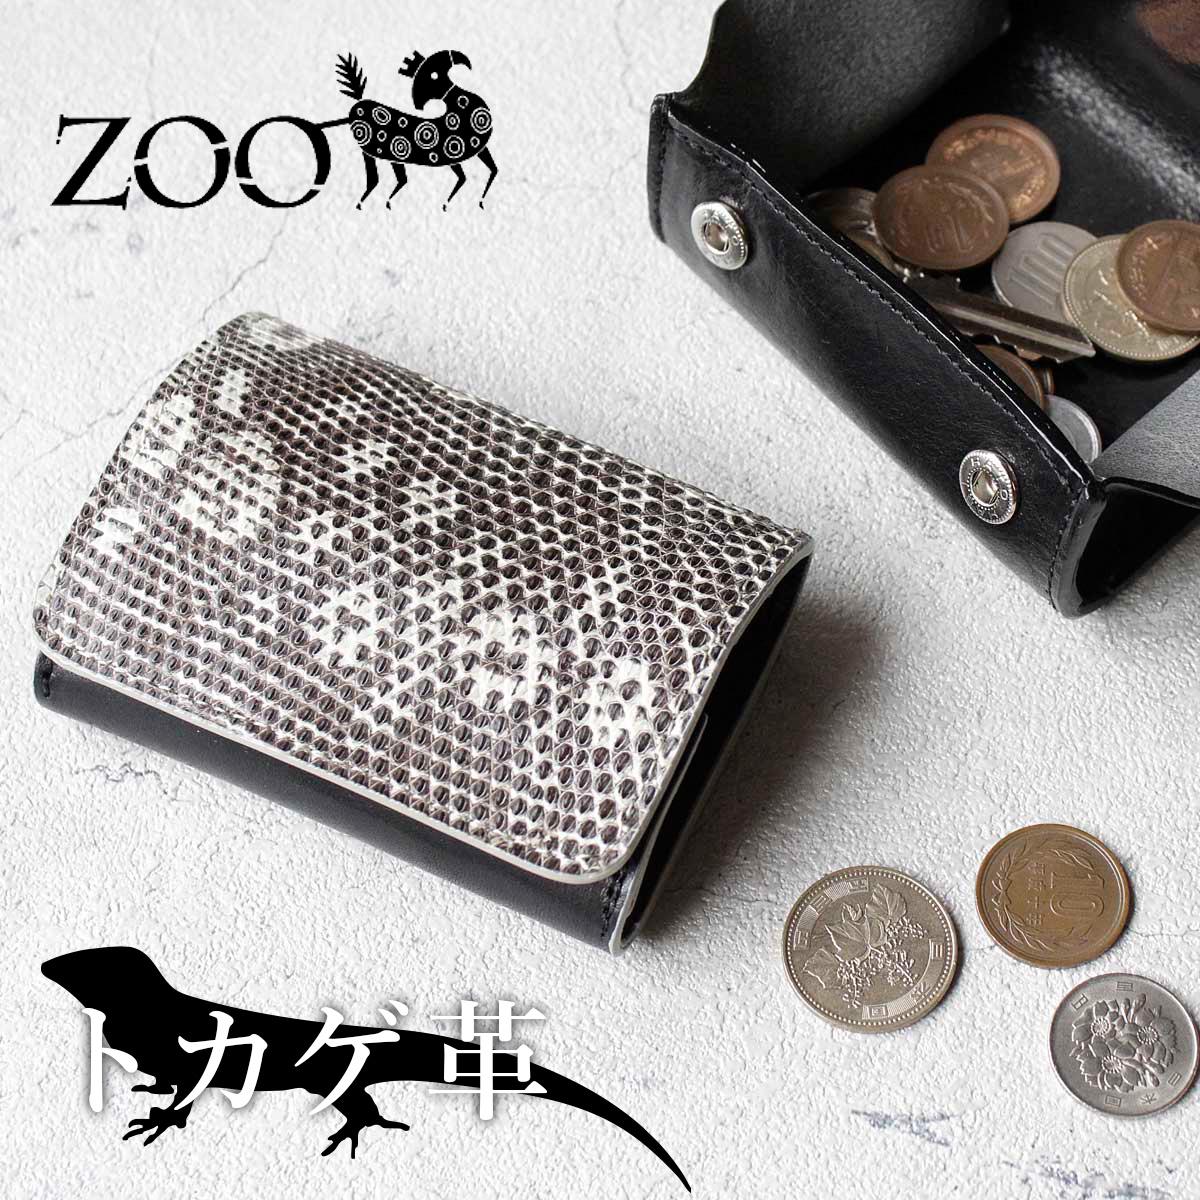 【メッセージカード・ラッピング無料】ZOO(ズー) メンズ トカゲ革 小銭入れ コインケース zcc-033 ナチュラル